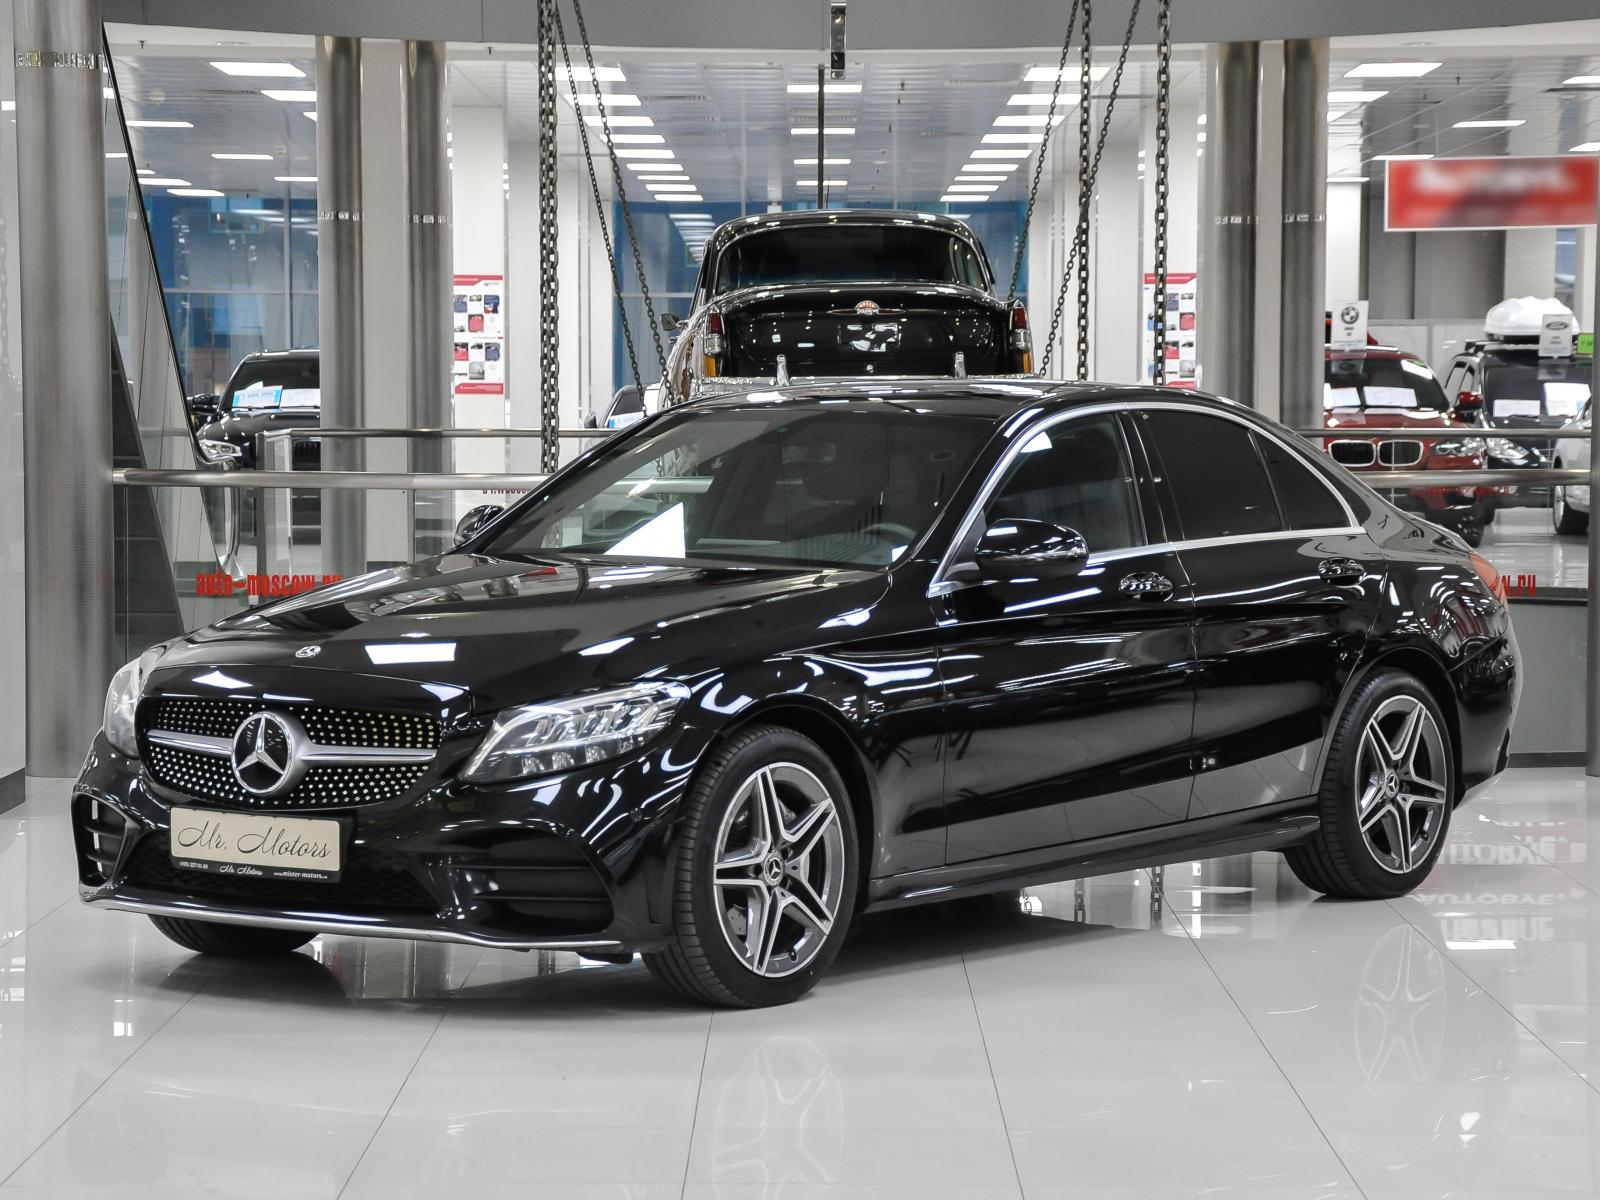 Mercedes-Benz C-Класс с пробегом в Москве. Автомобильная компания Mr.Motors